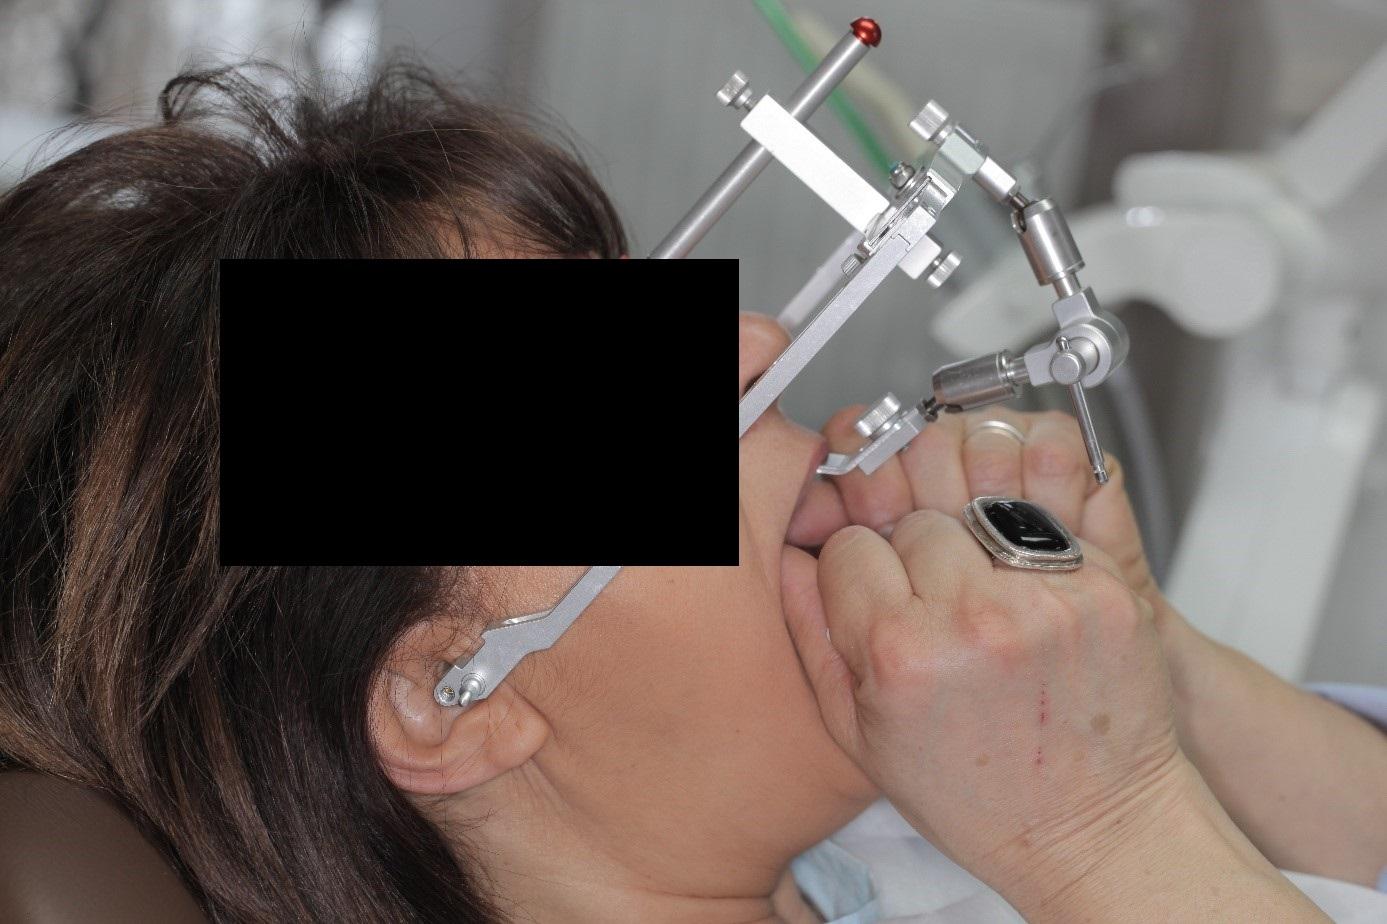 gnat kezelés)